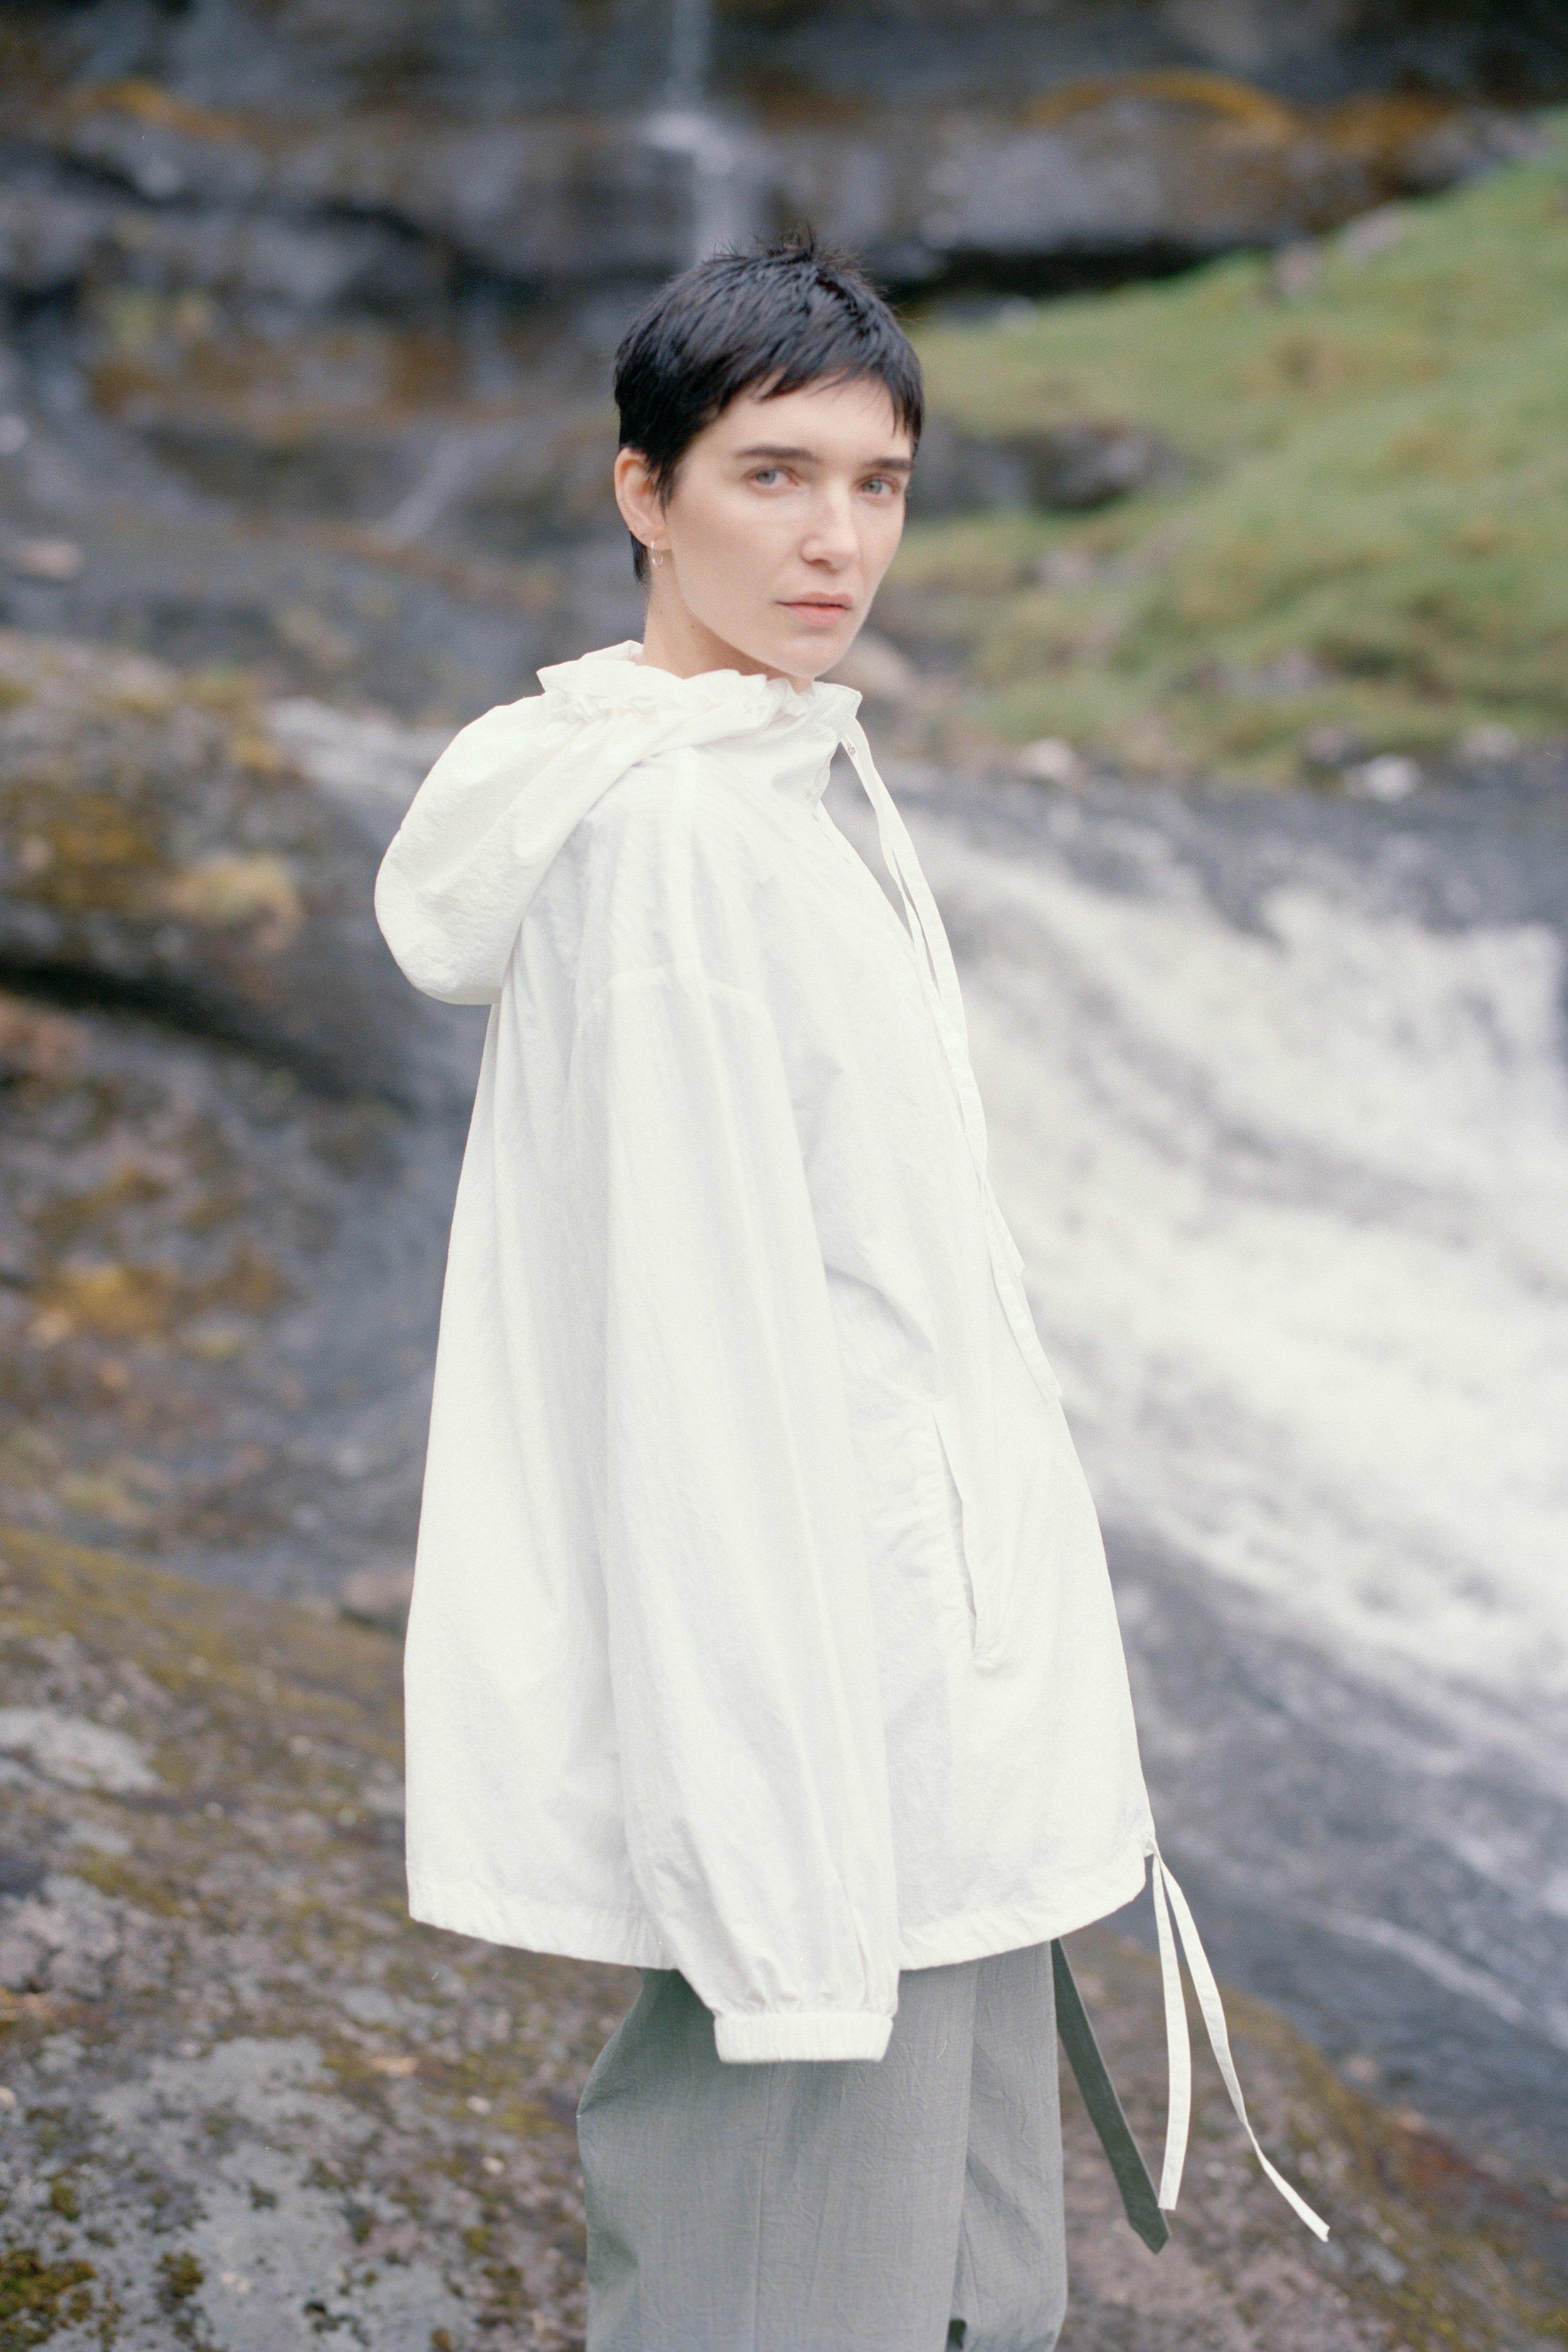 00002-Deveaux-Vogue-Menswear-SS19-june-kim.jpg